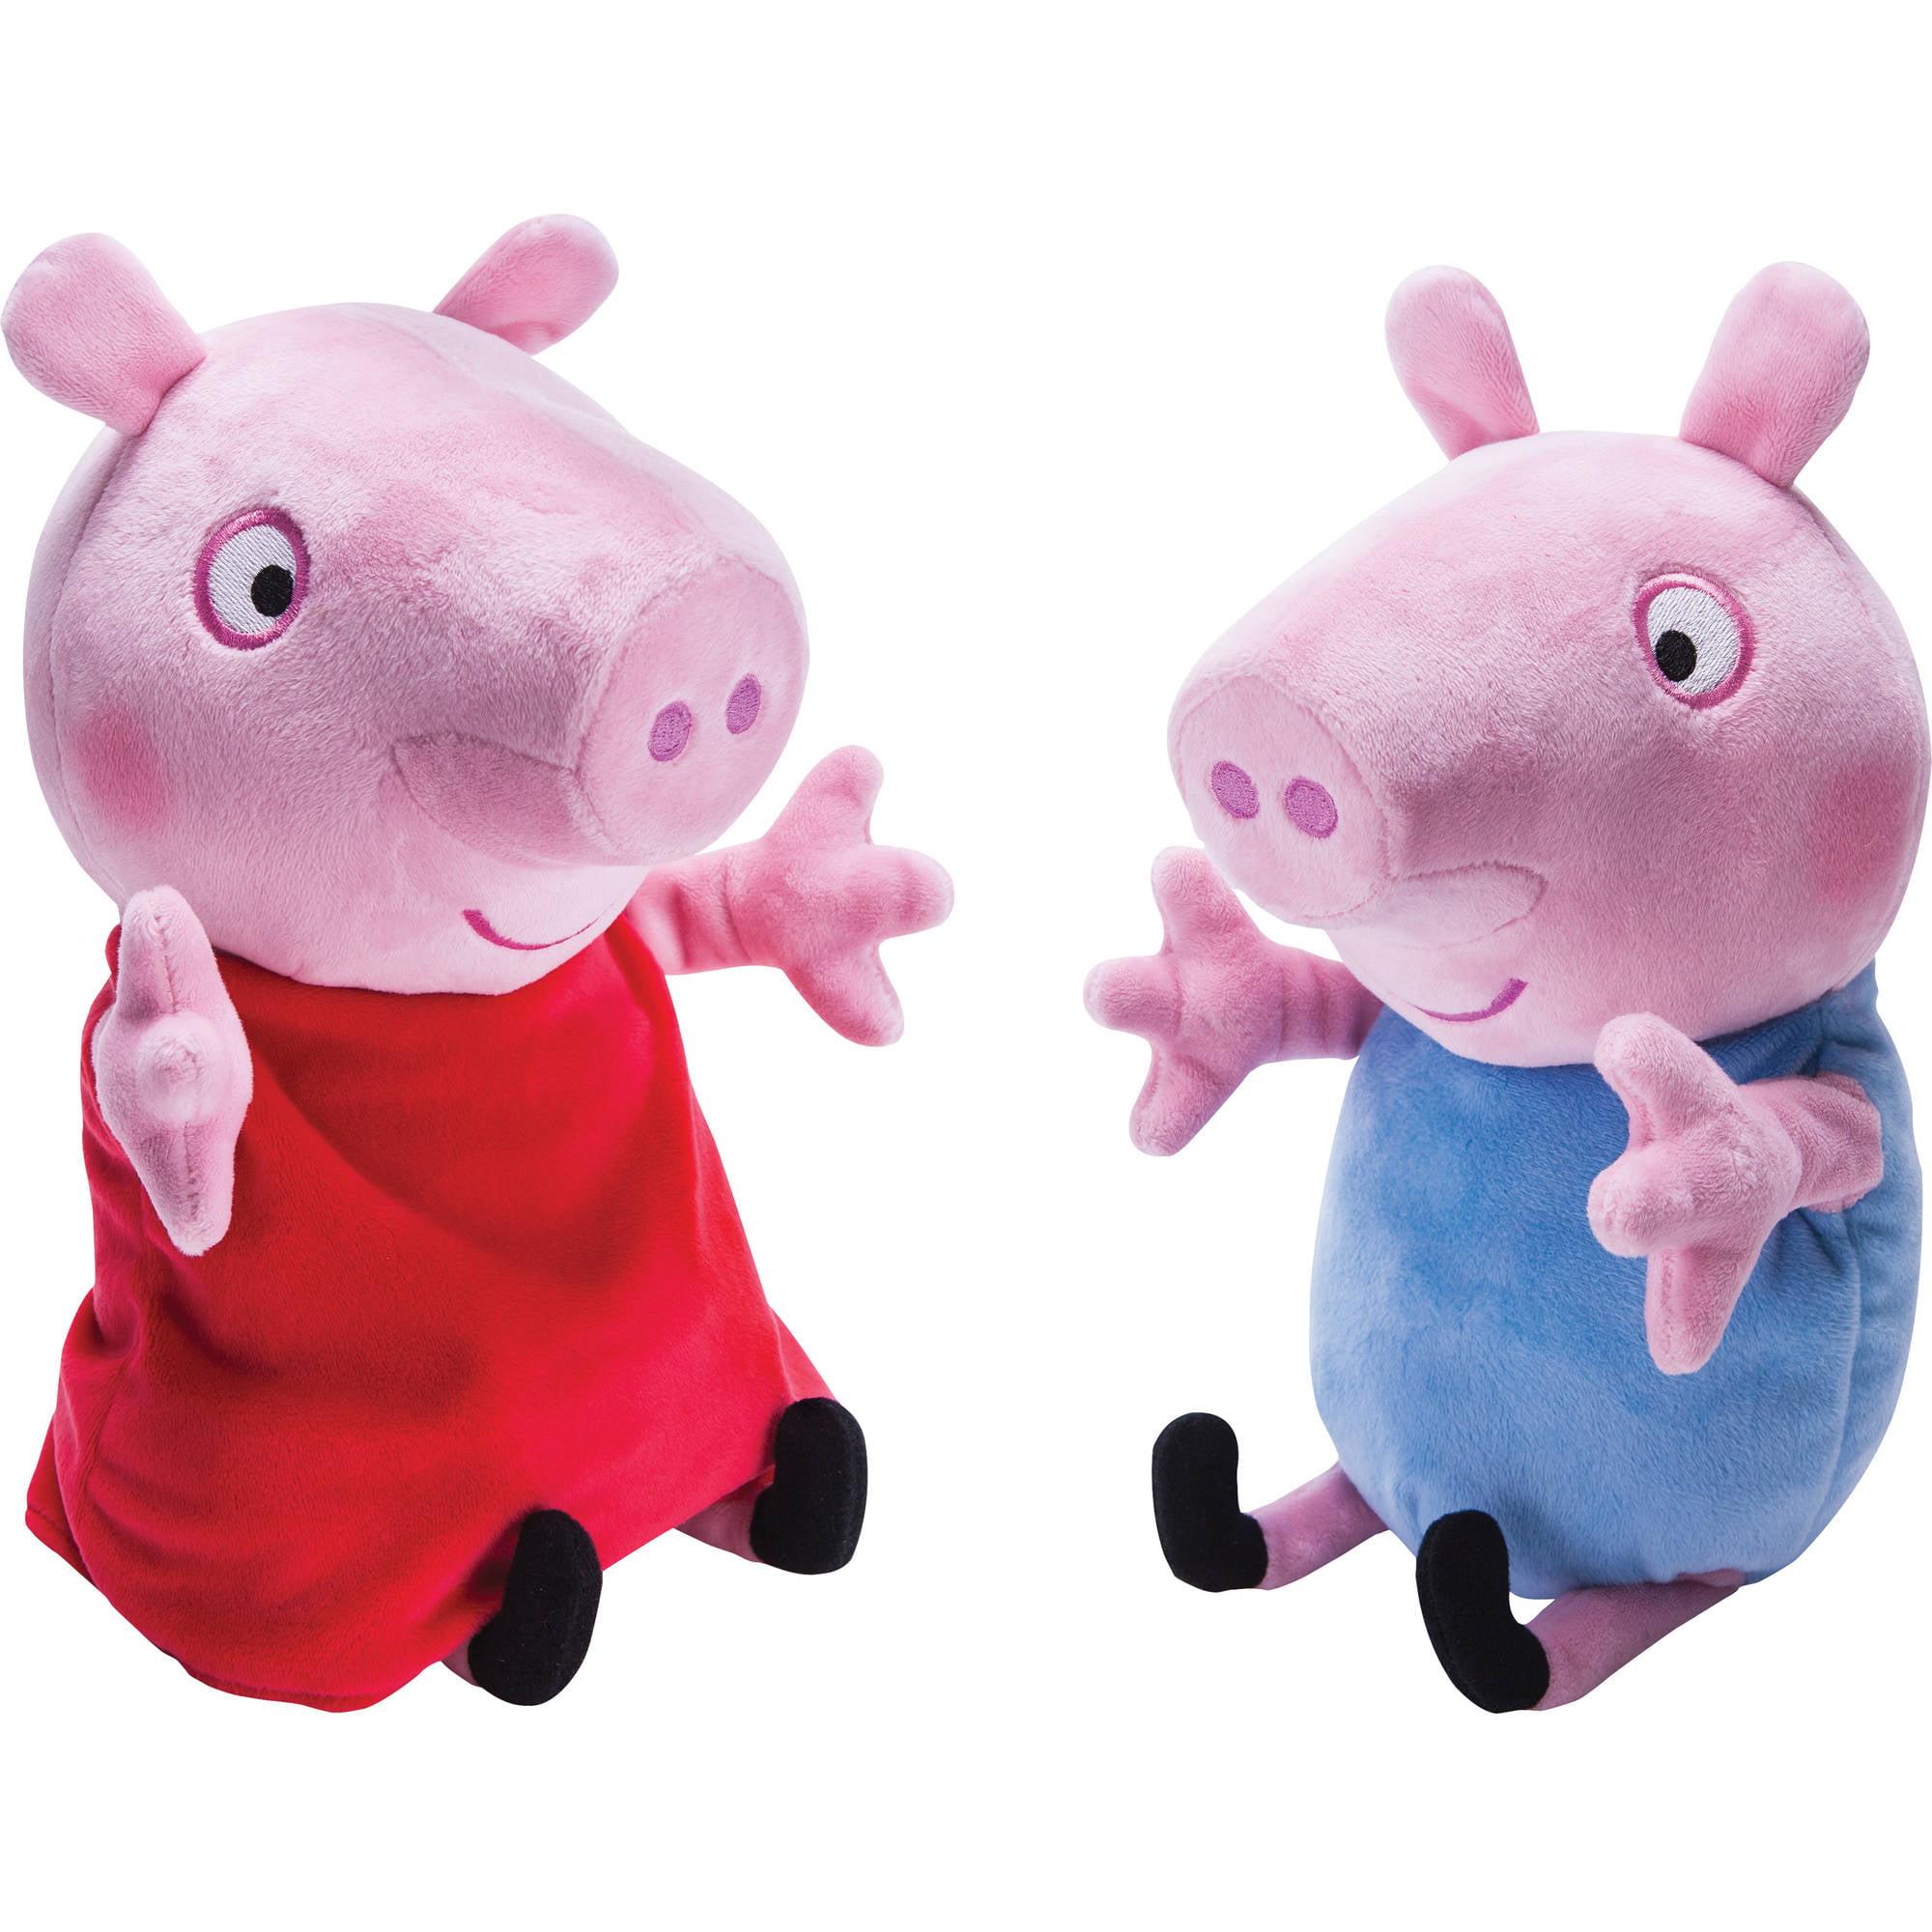 Peppa Pig Giggle N' Wiggle Peppa and George